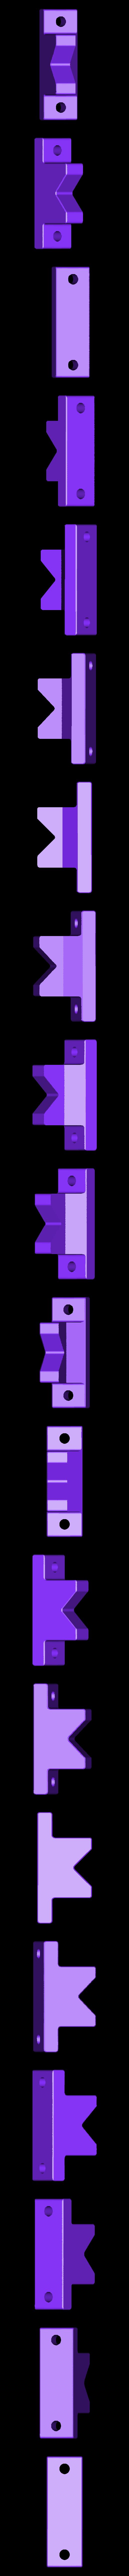 prism_bearing.stl Télécharger fichier STL gratuit Essai de l'arbre de roulement concentrique • Modèle pour imprimante 3D, wersy